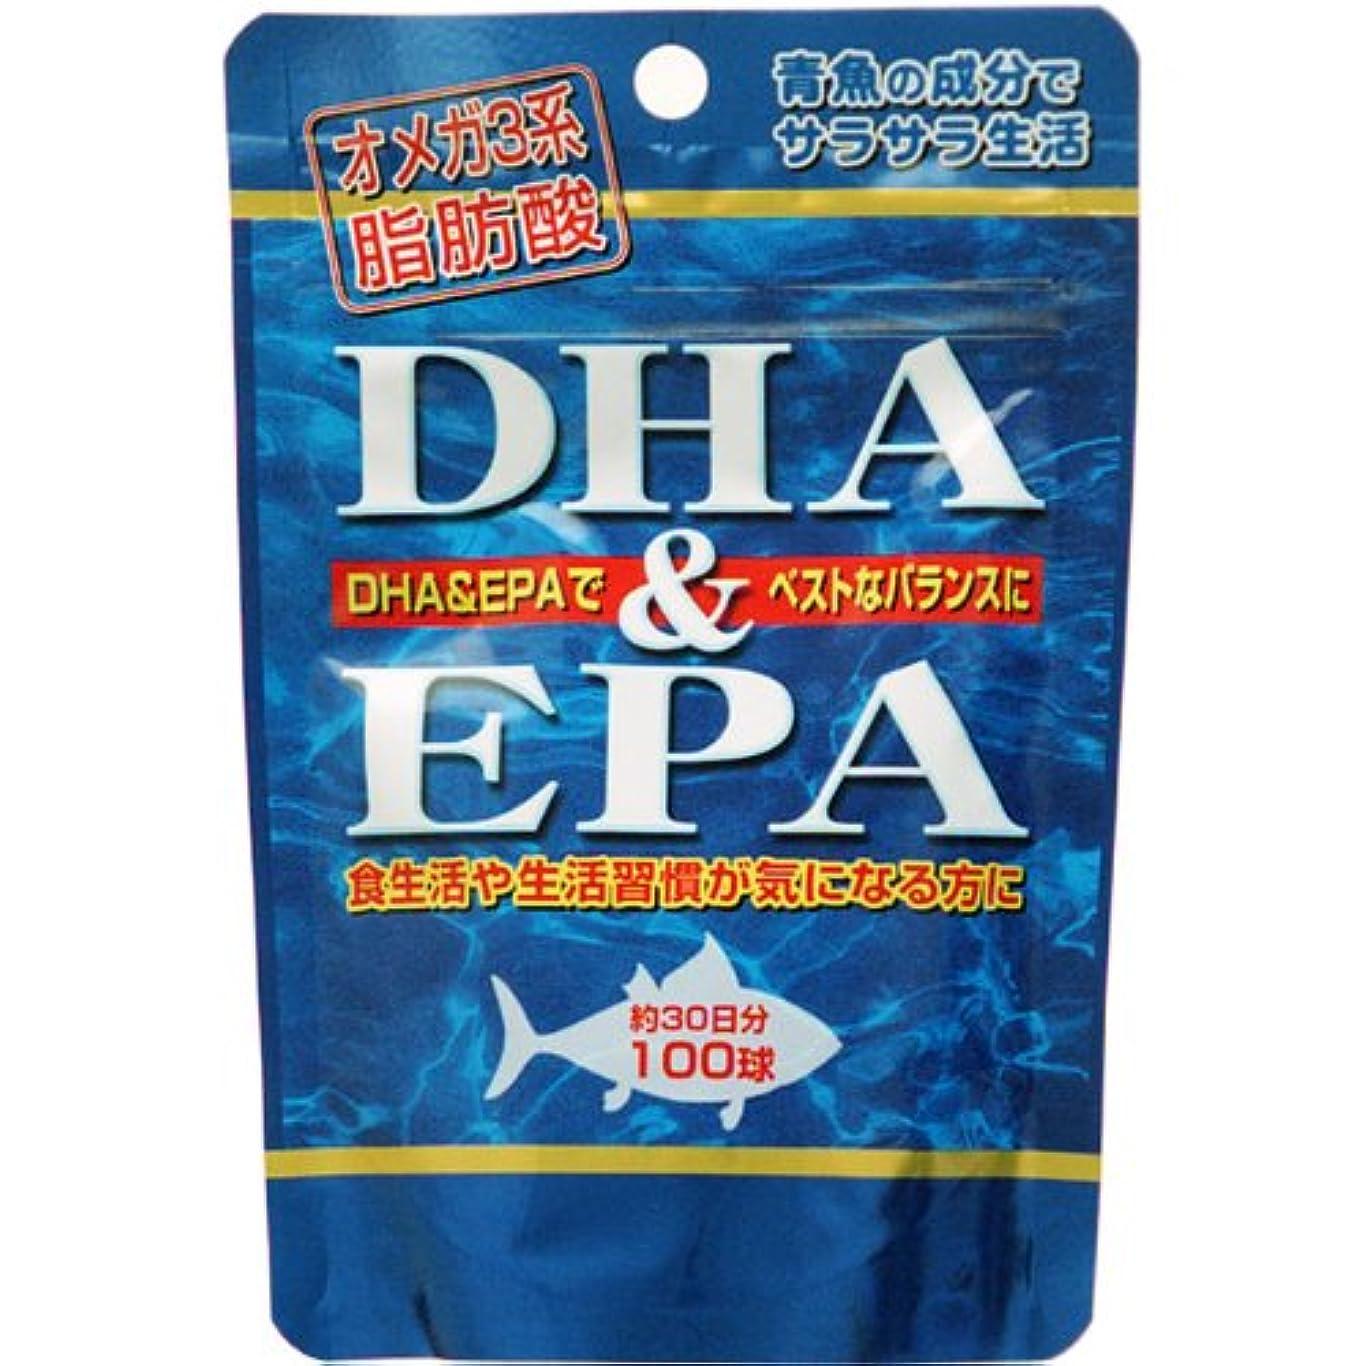 奪う受付スピーチDHA(ドコサヘキサエン酸)&EPA(エイコサペンタエン酸)×2